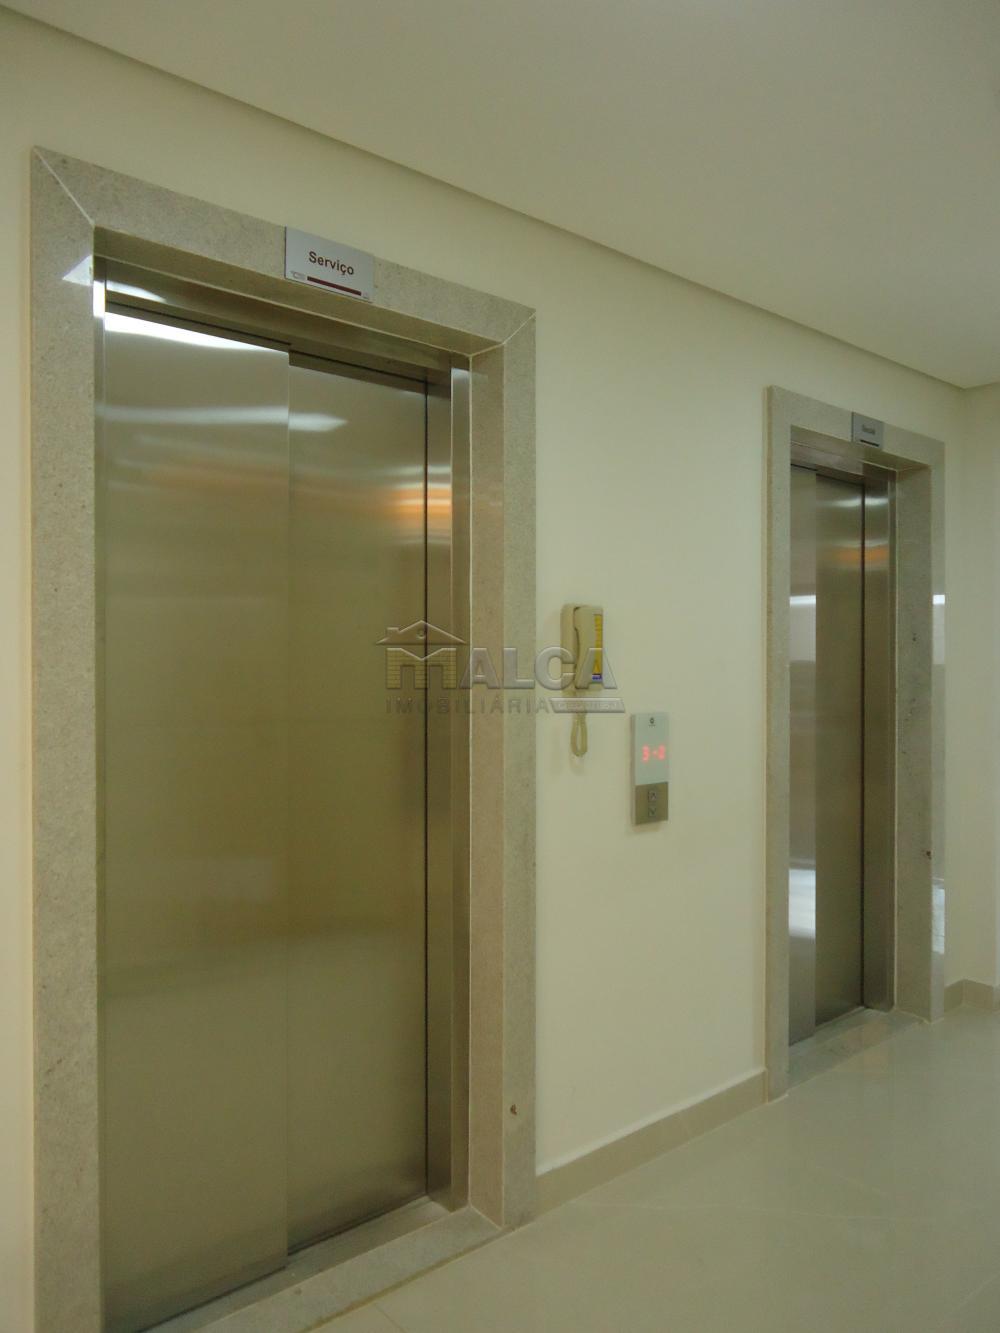 Alugar Apartamentos / Condomínio em São José do Rio Pardo apenas R$ 3.000,00 - Foto 9